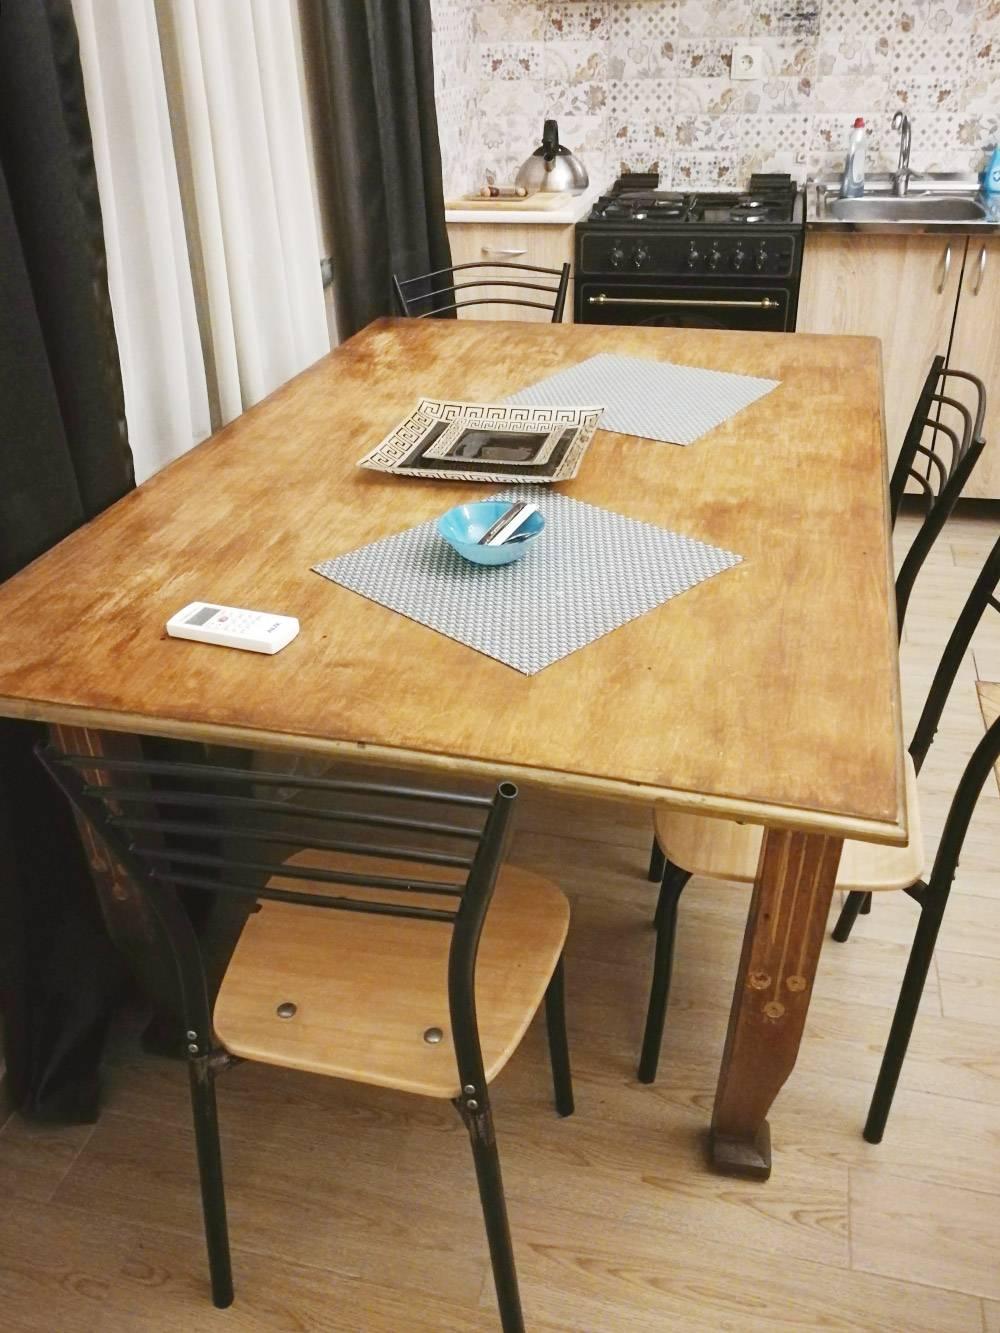 Все стулья в доме были поломаны. По словам хозяйки, квартиру снимал финский программист, который был настолько огромным, что она называла его викингом. Он сломал стулья, а потом уехал работать в США